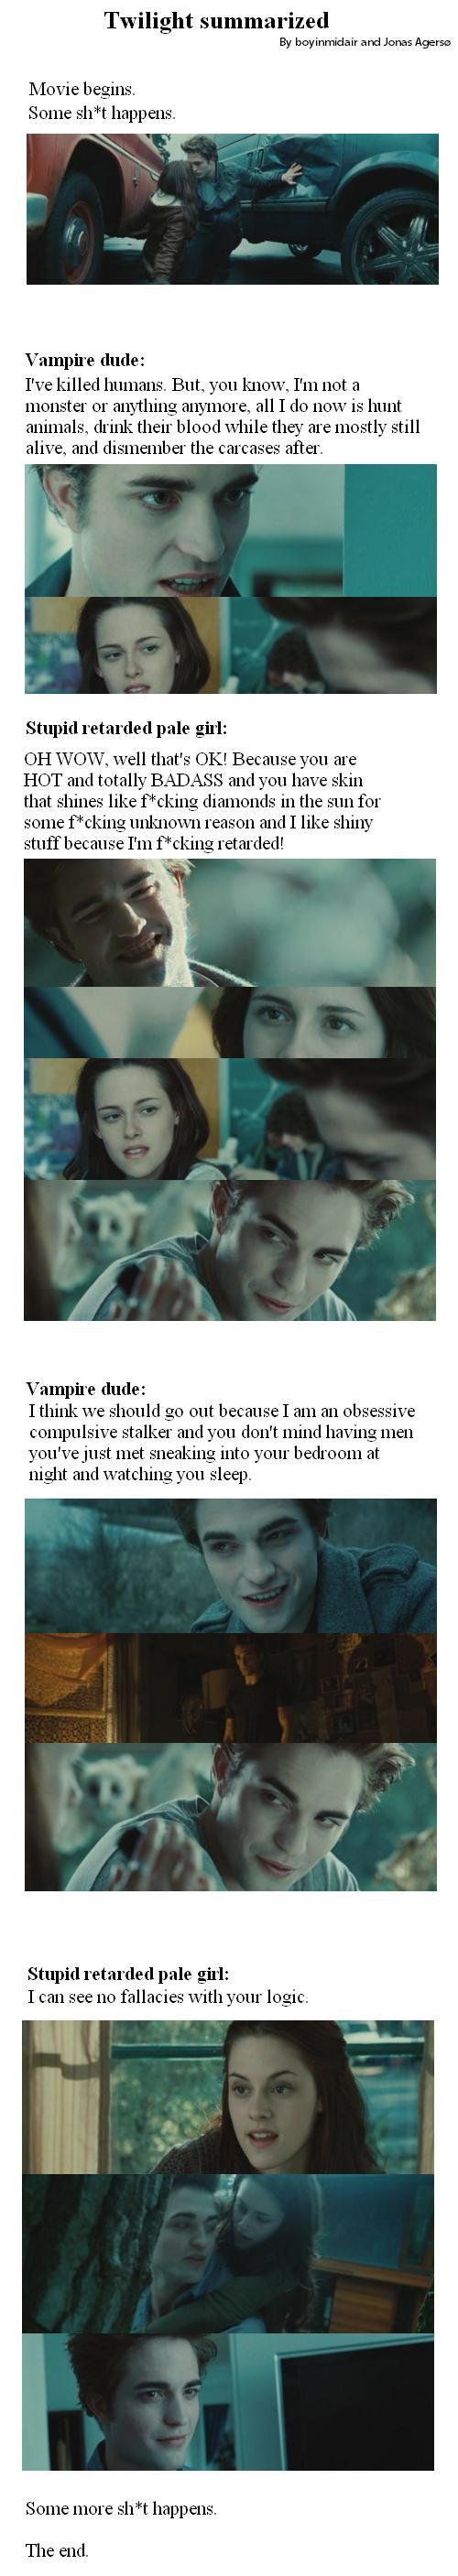 Sammanfattning av Twilight